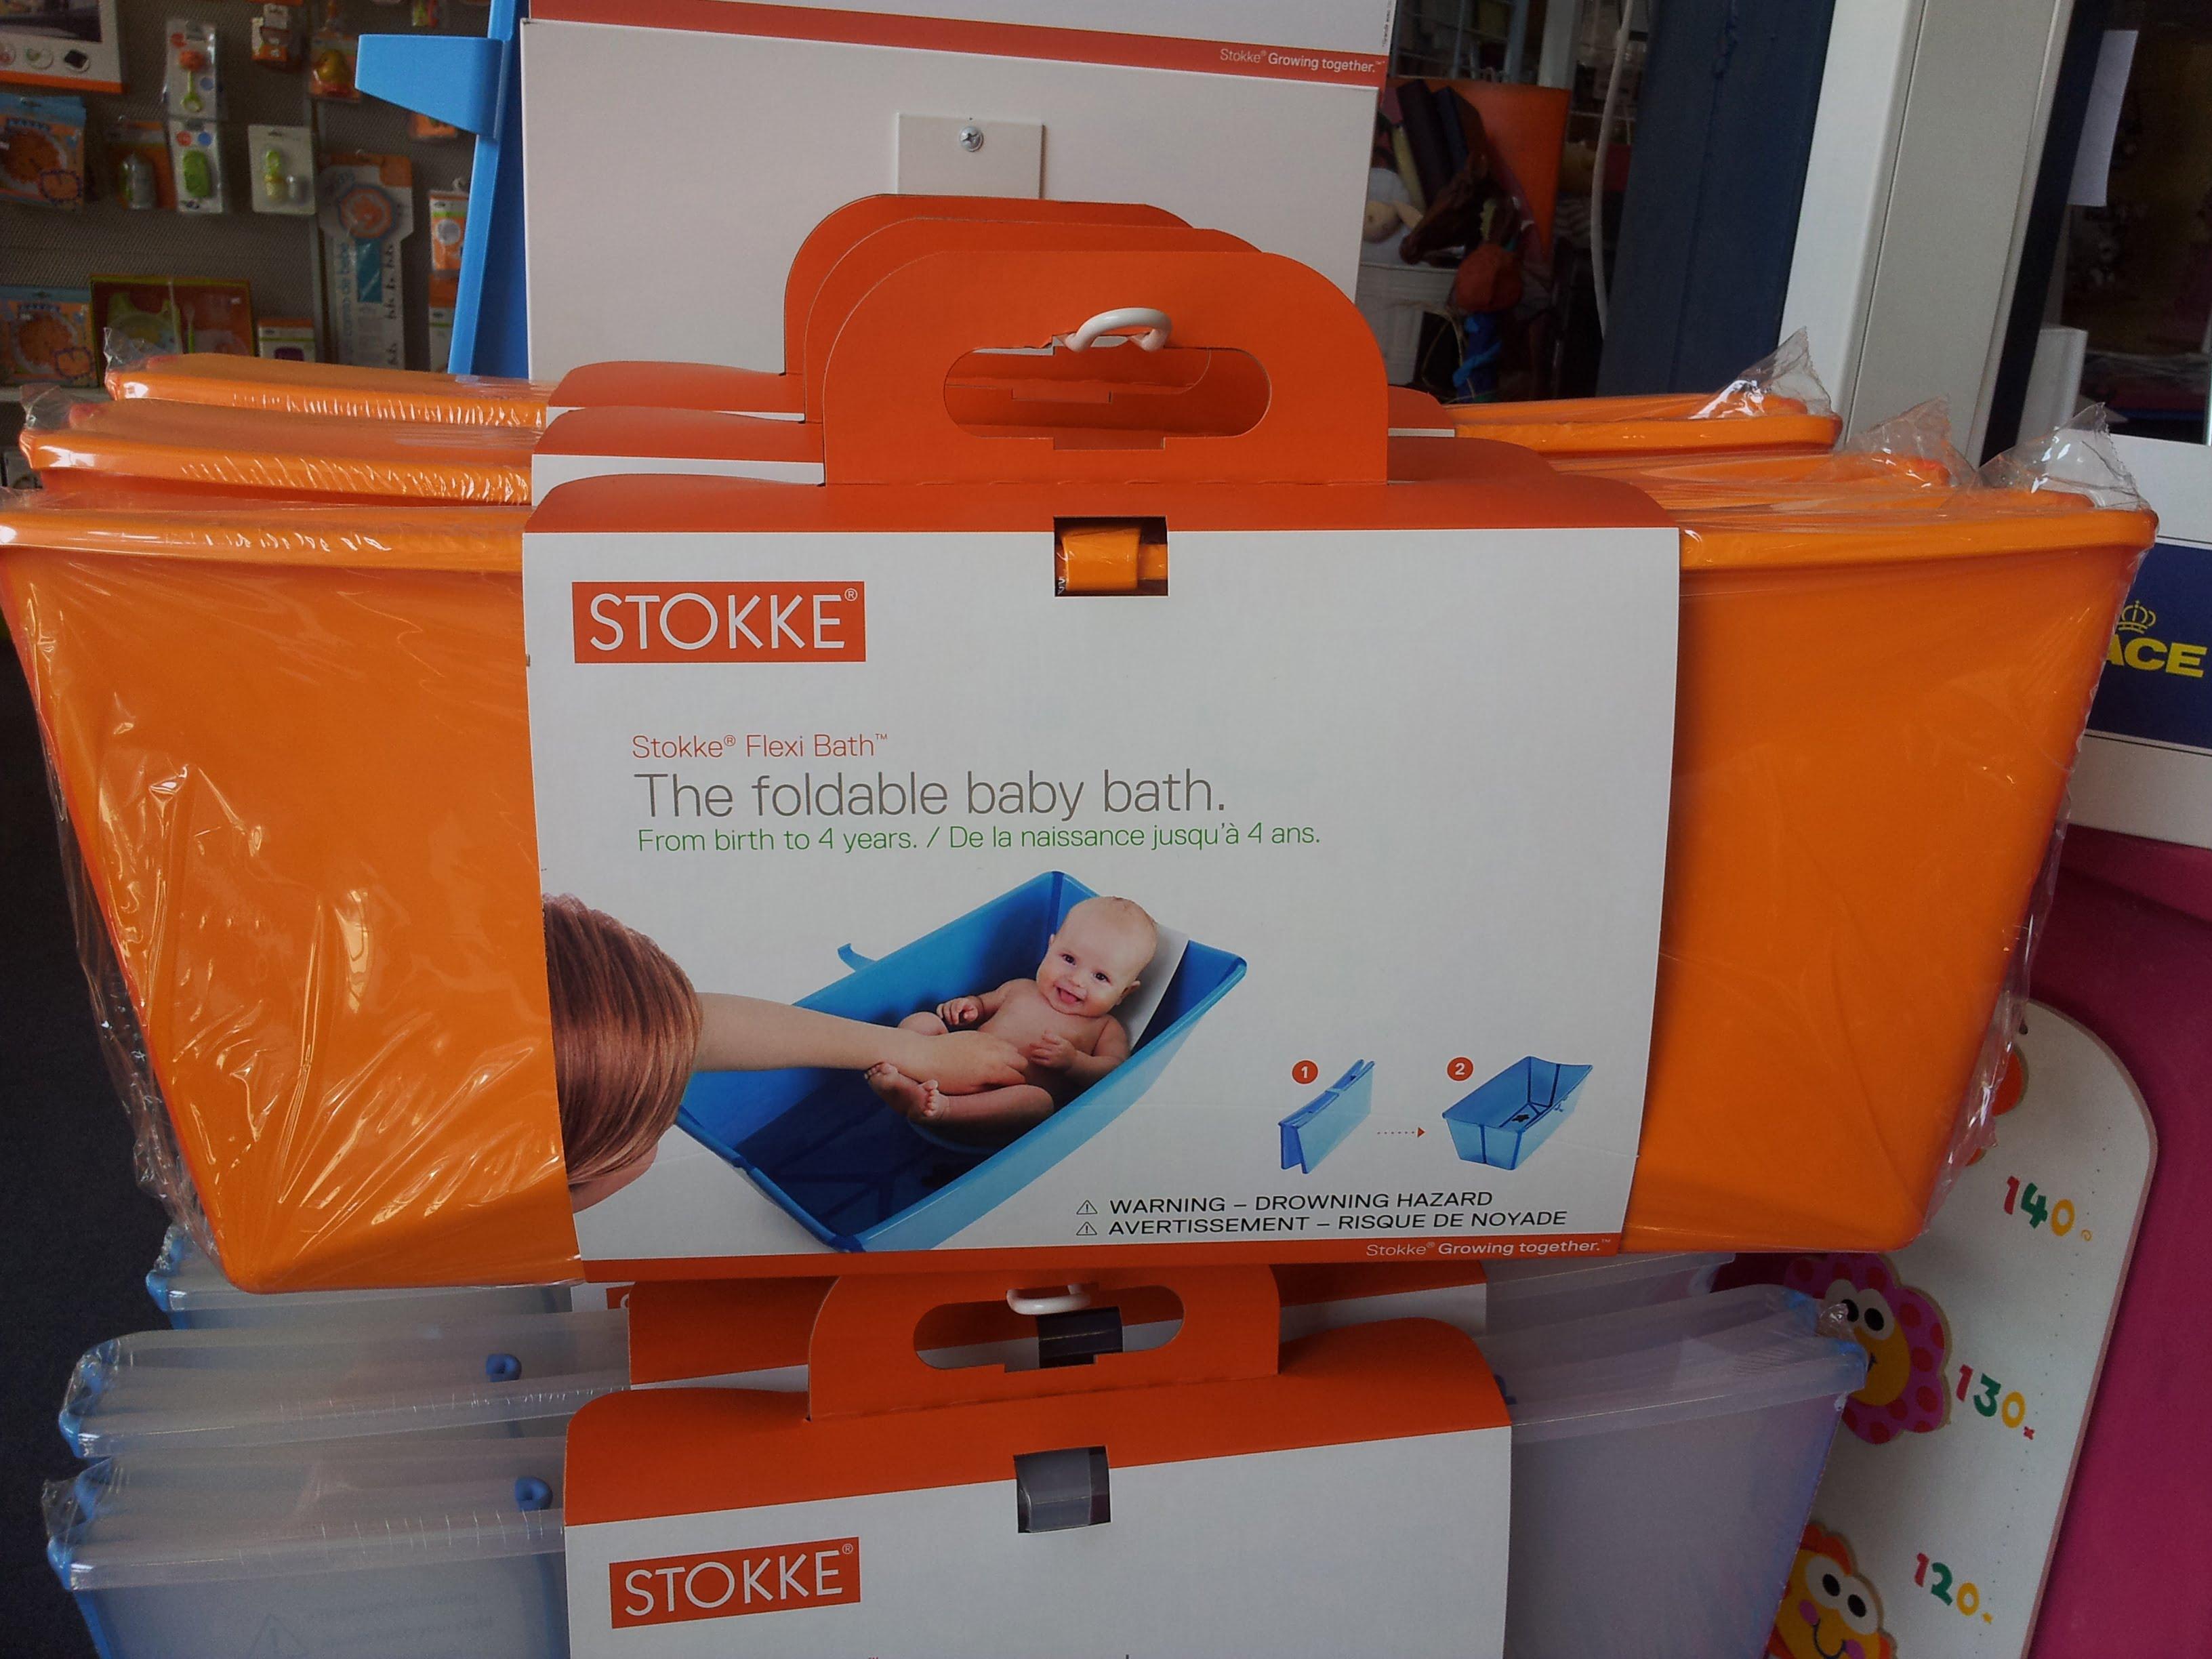 Bañera para bebé plegable y flotante de Stokke, BayShop